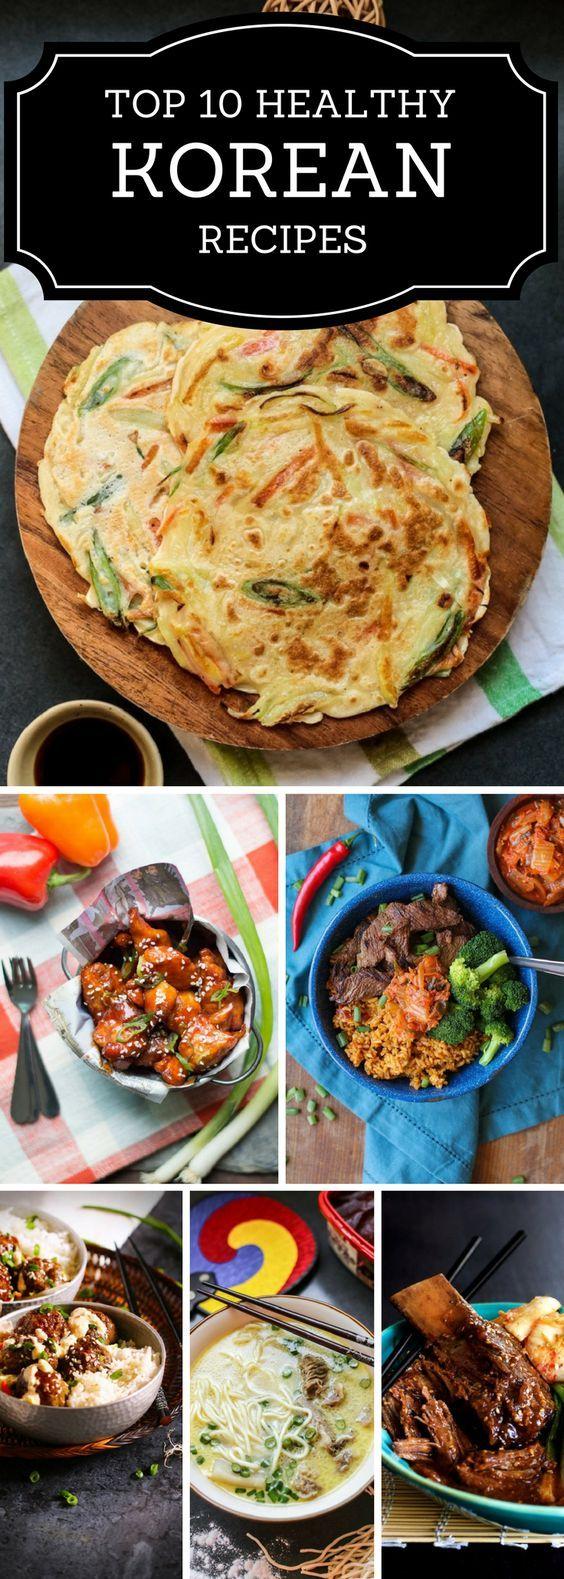 Top 10 korean recipes healthy korean recipes korean and korean healthy korean recipes forumfinder Gallery